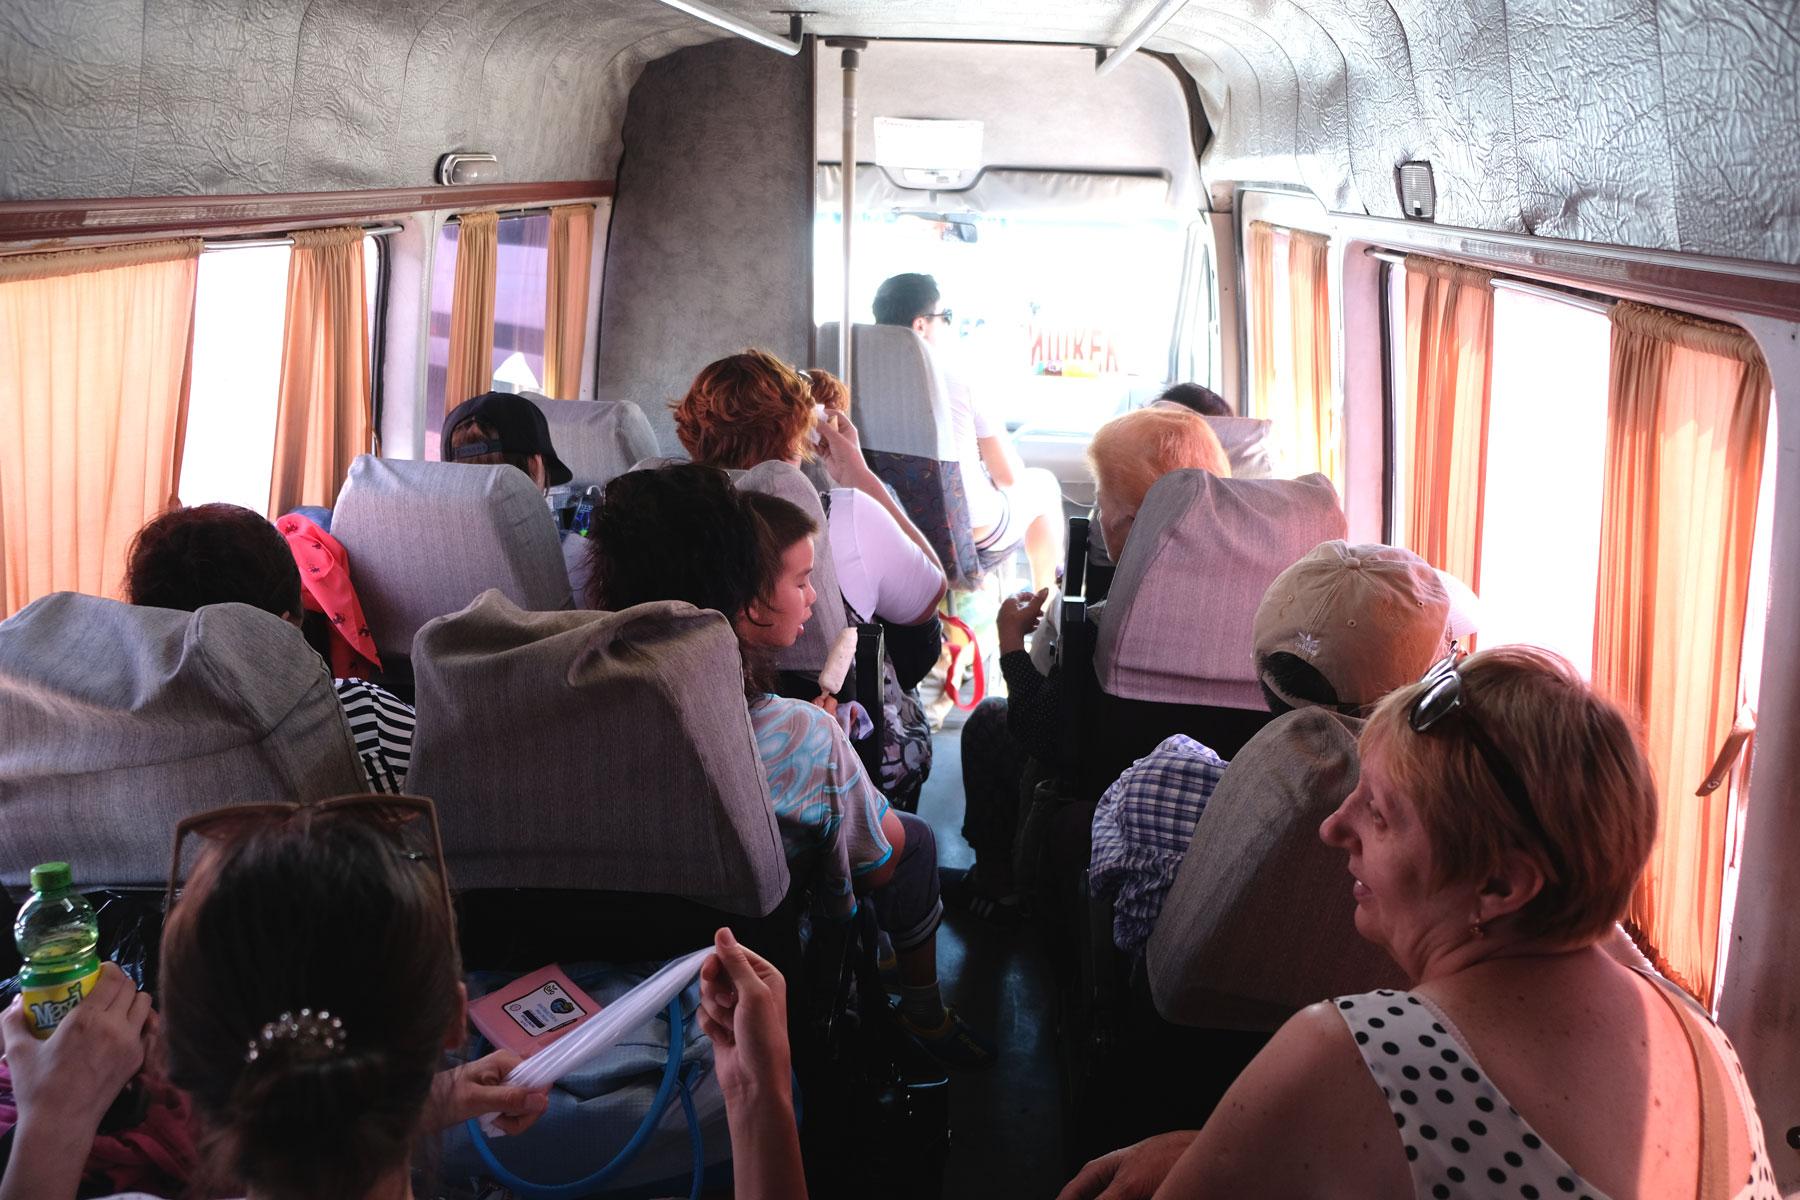 Menschen sitzen in einer Marschrutka, einem kirgisischen Kleinbus.